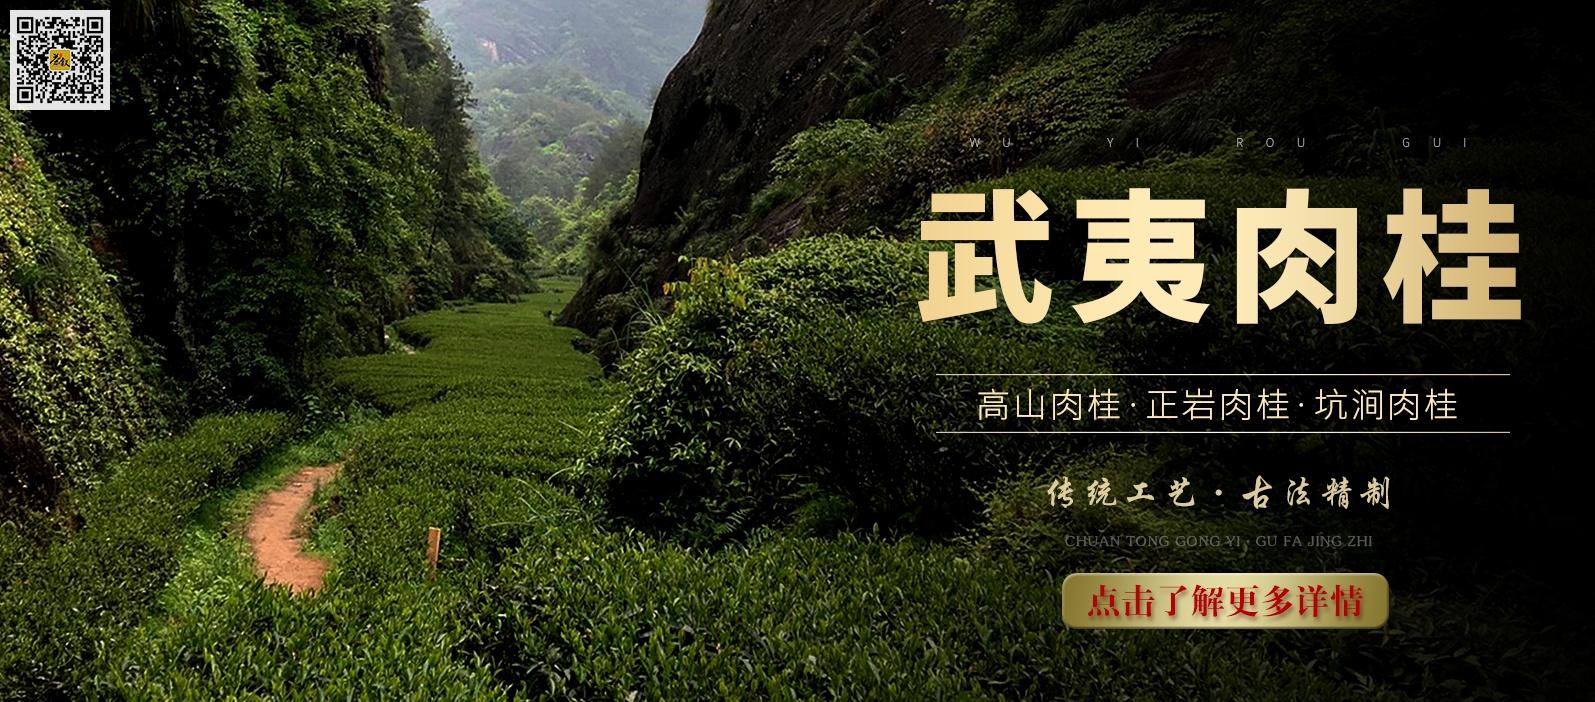 武夷肉桂海报图片